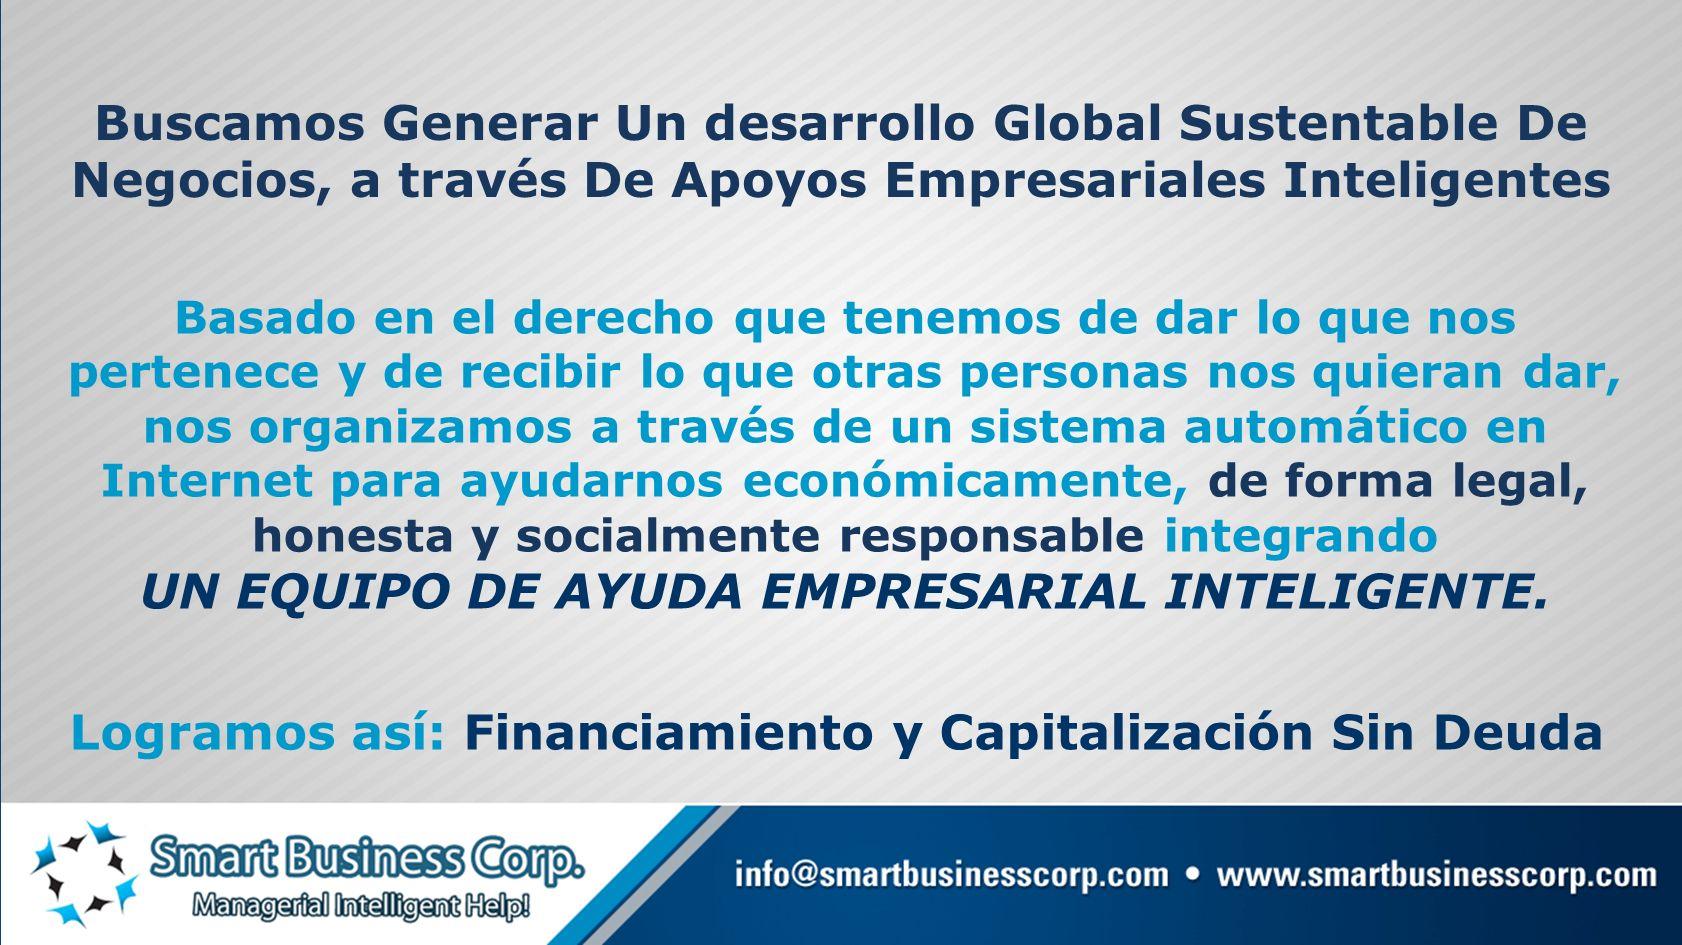 Buscamos Generar Un desarrollo Global Sustentable De Negocios, a través De Apoyos Empresariales Inteligentes Basado en el derecho que tenemos de dar l